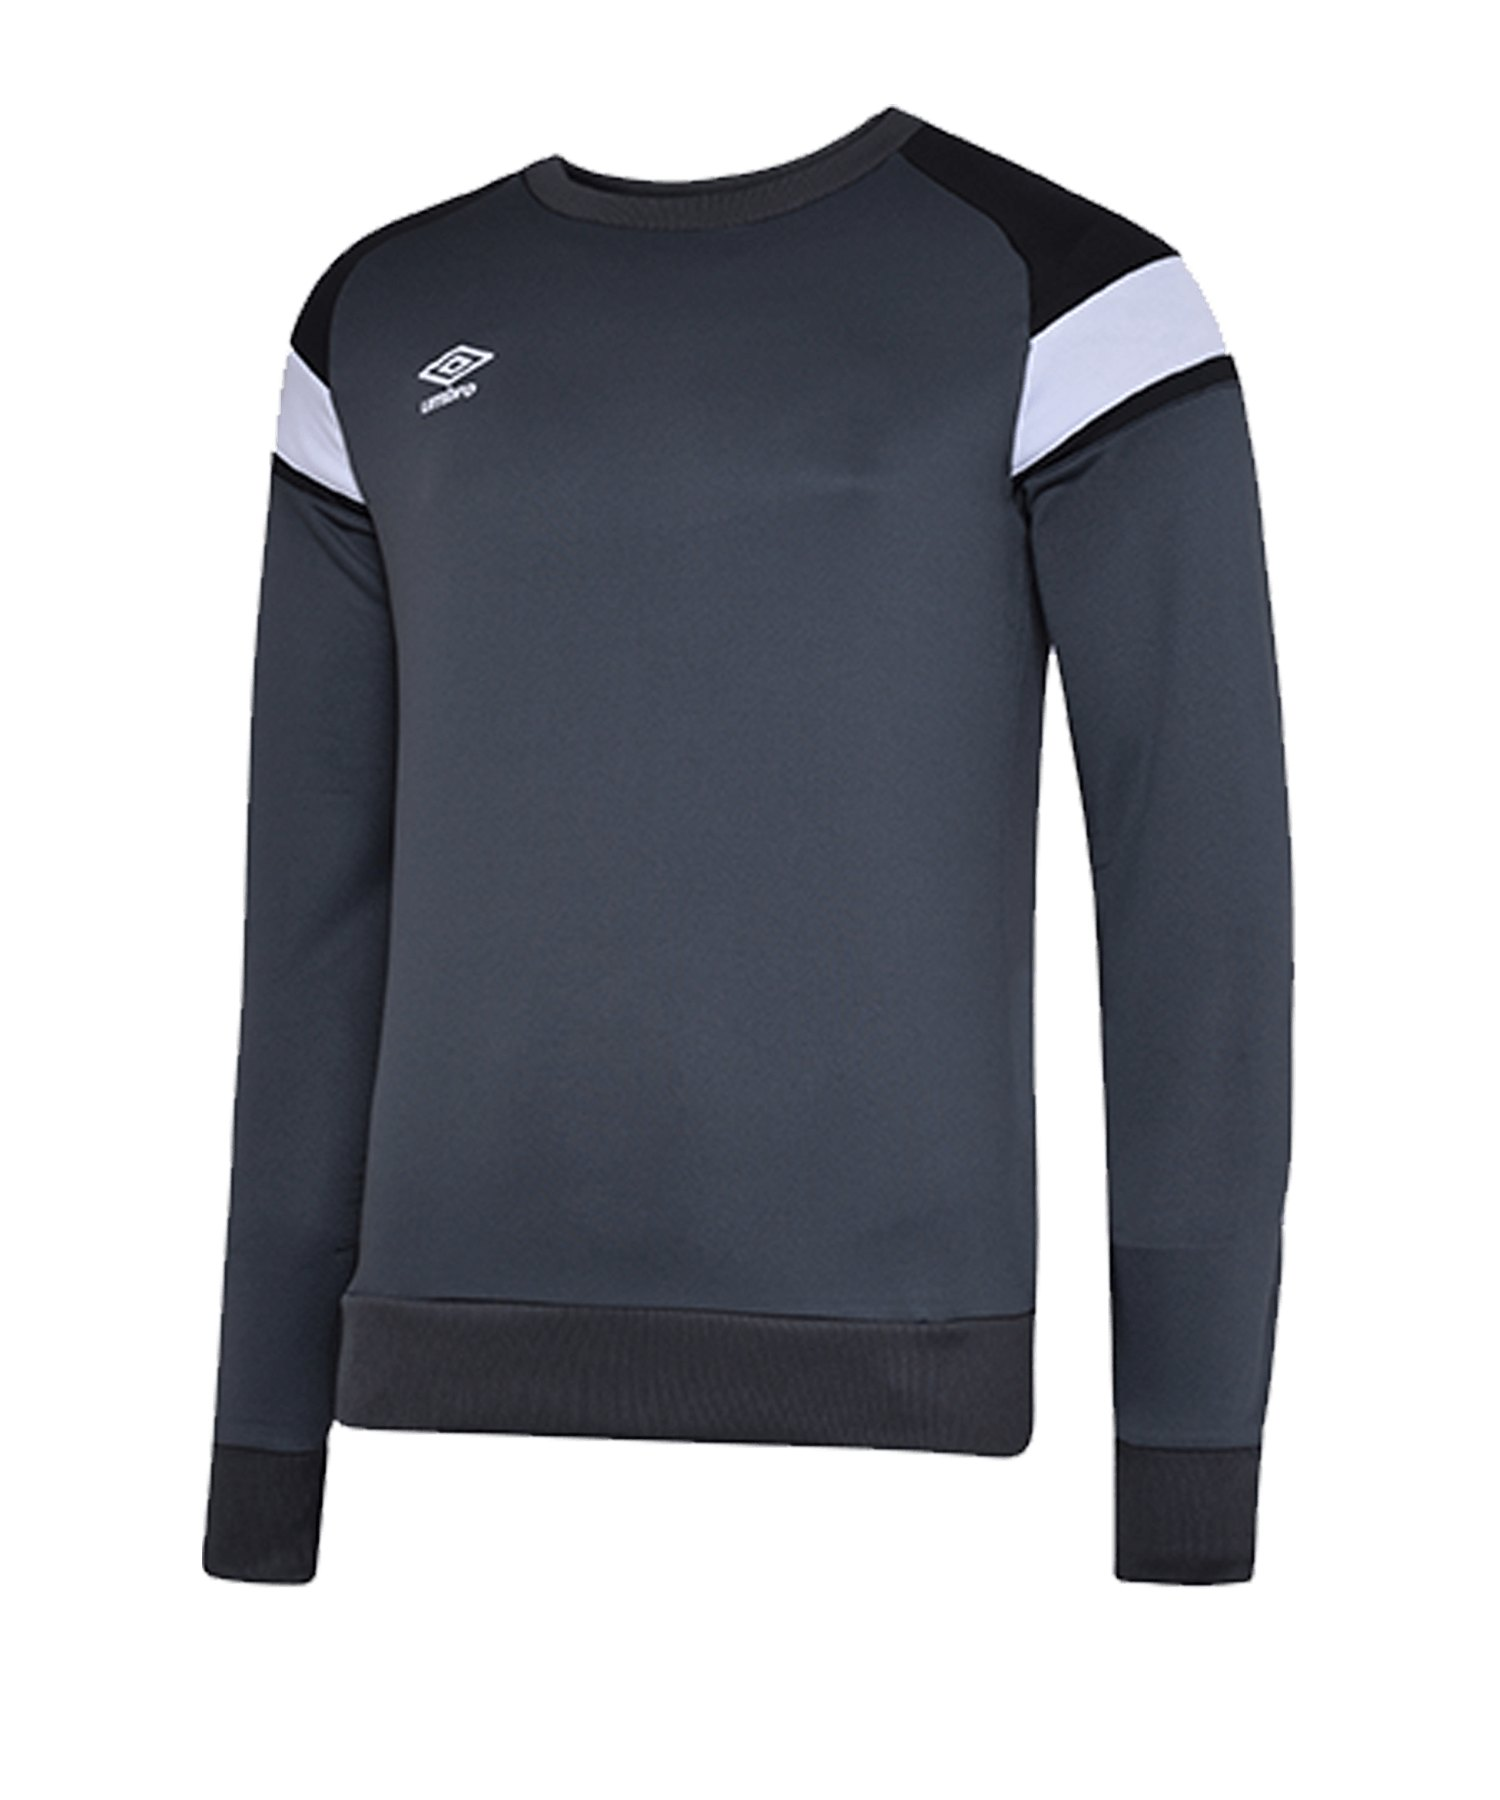 Umbro Poly Fleece Sweatshirt Grau FGR9 - grau